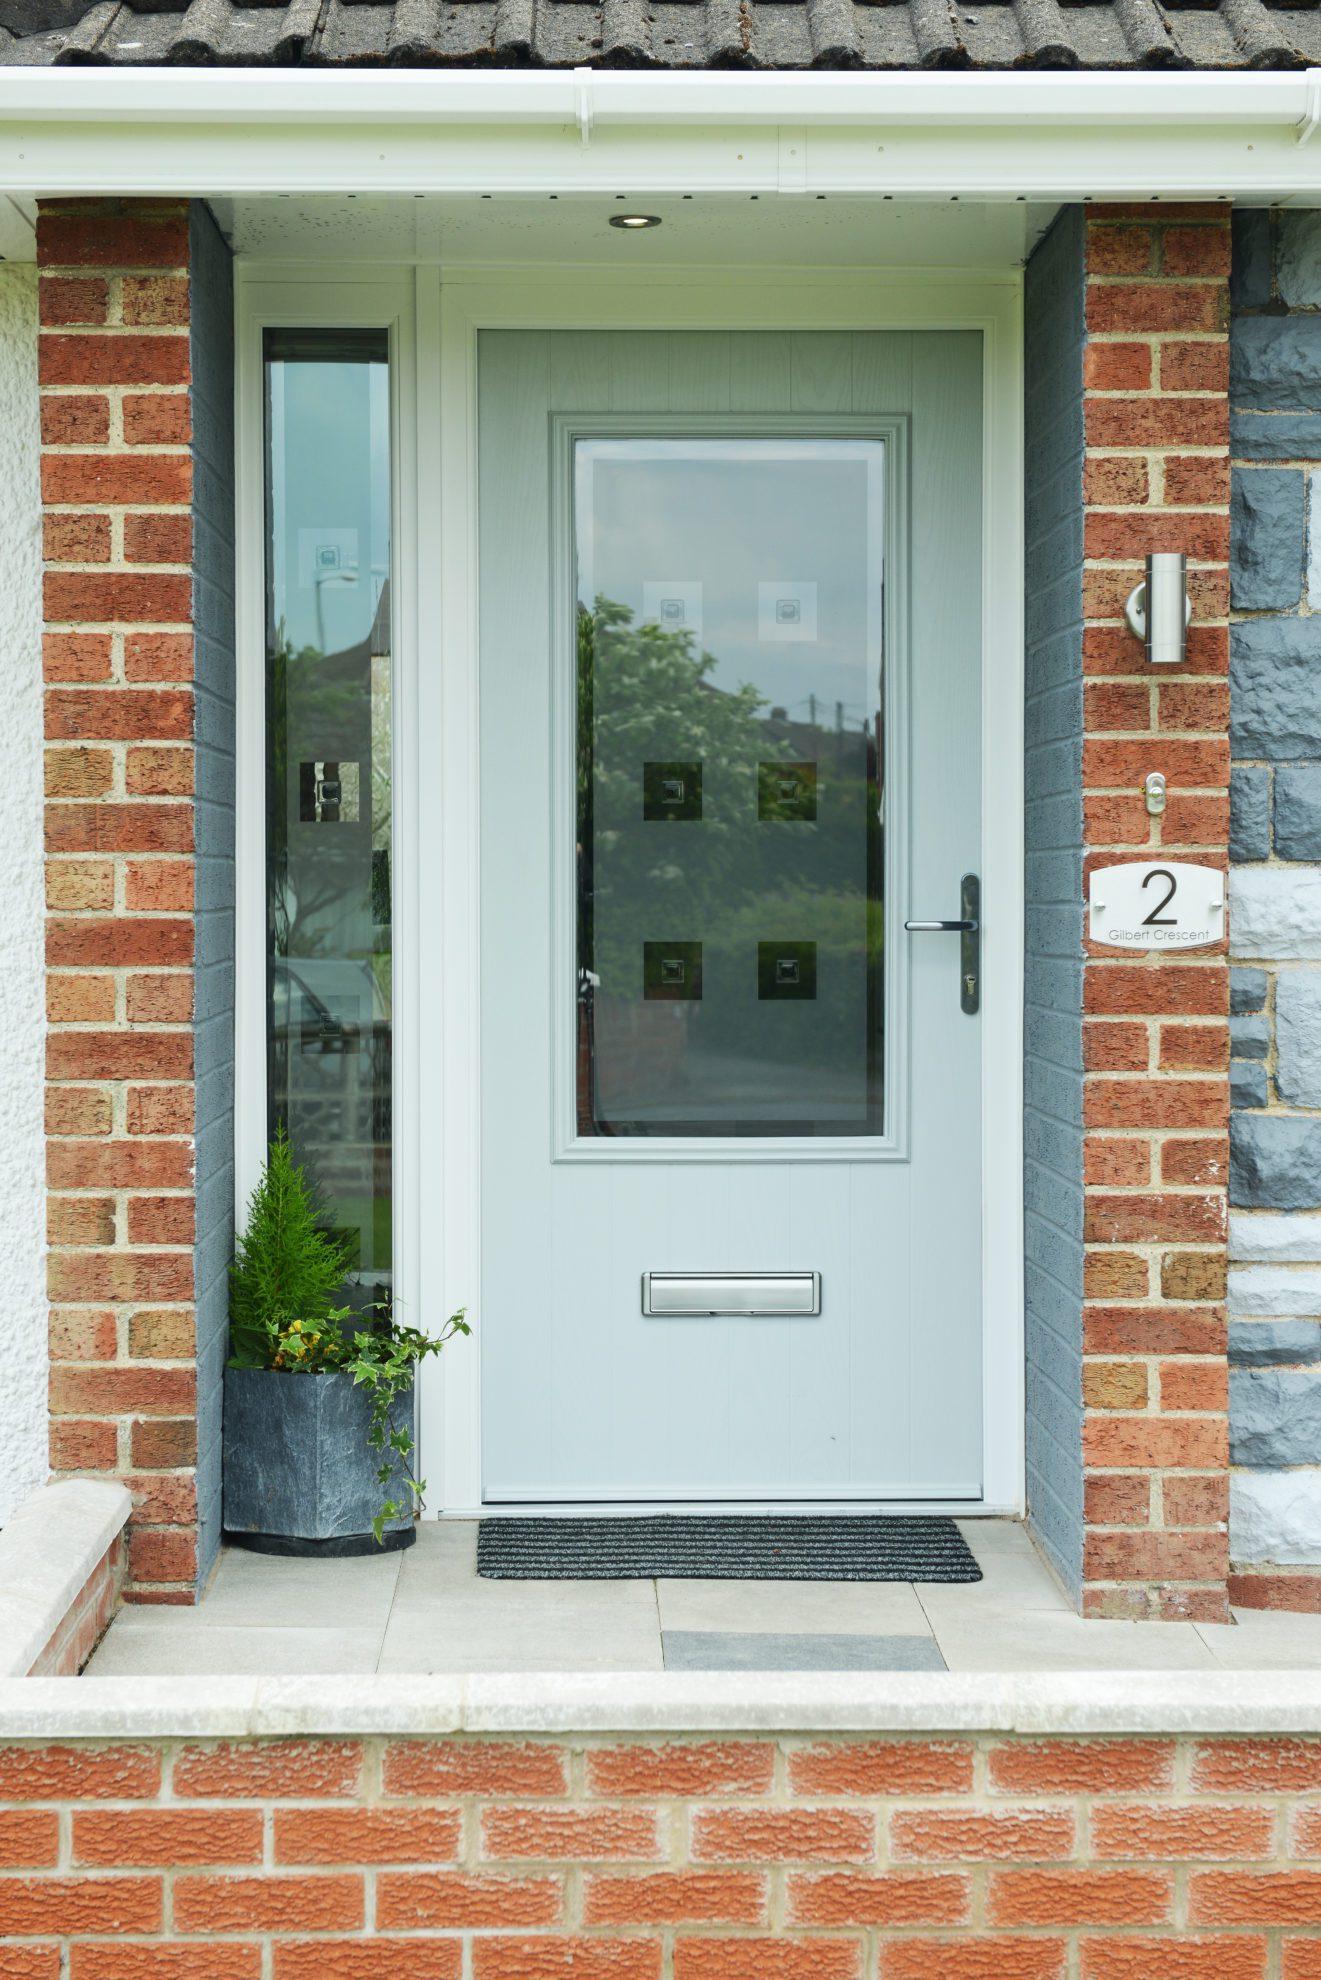 composite door glazed